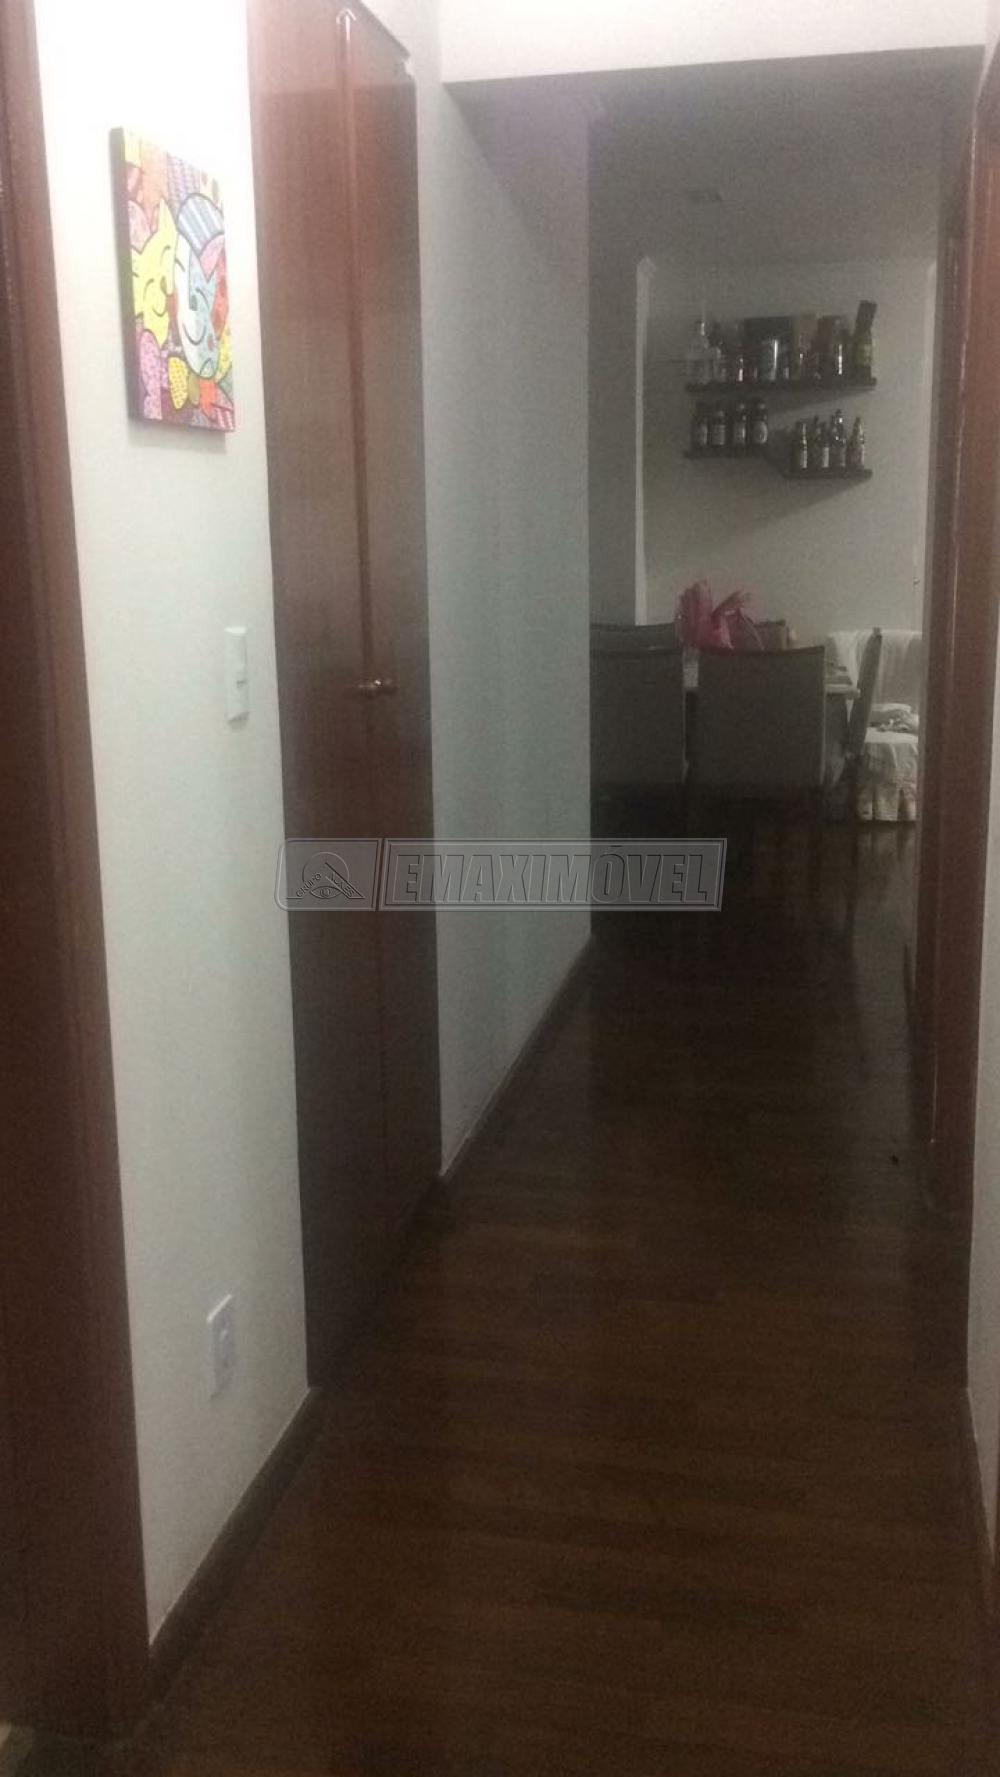 Comprar Apartamentos / Apto Padrão em Sorocaba apenas R$ 440.000,00 - Foto 12